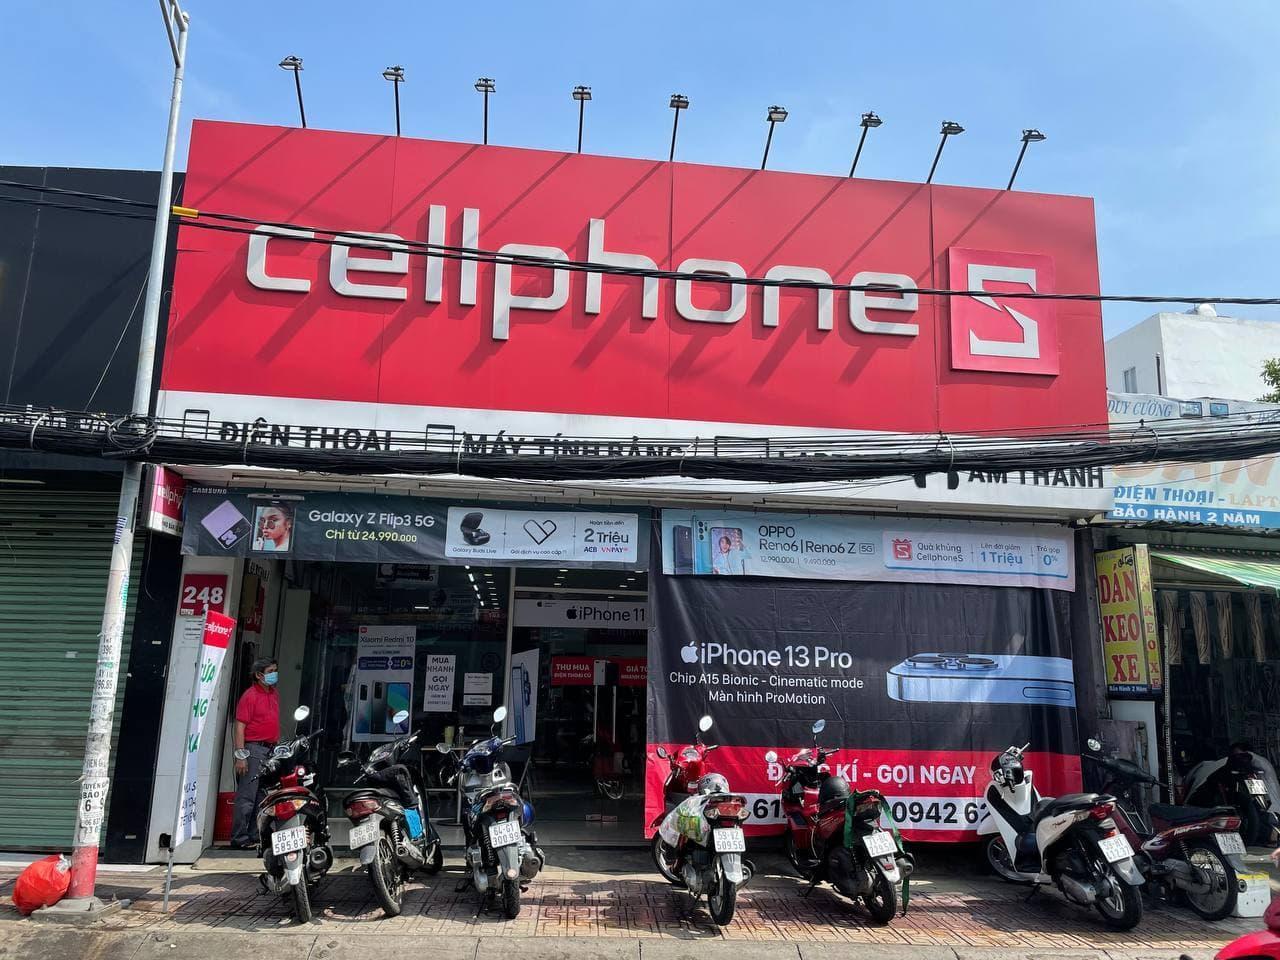 CellphoneS hoạt động trở lại sau giãn cách